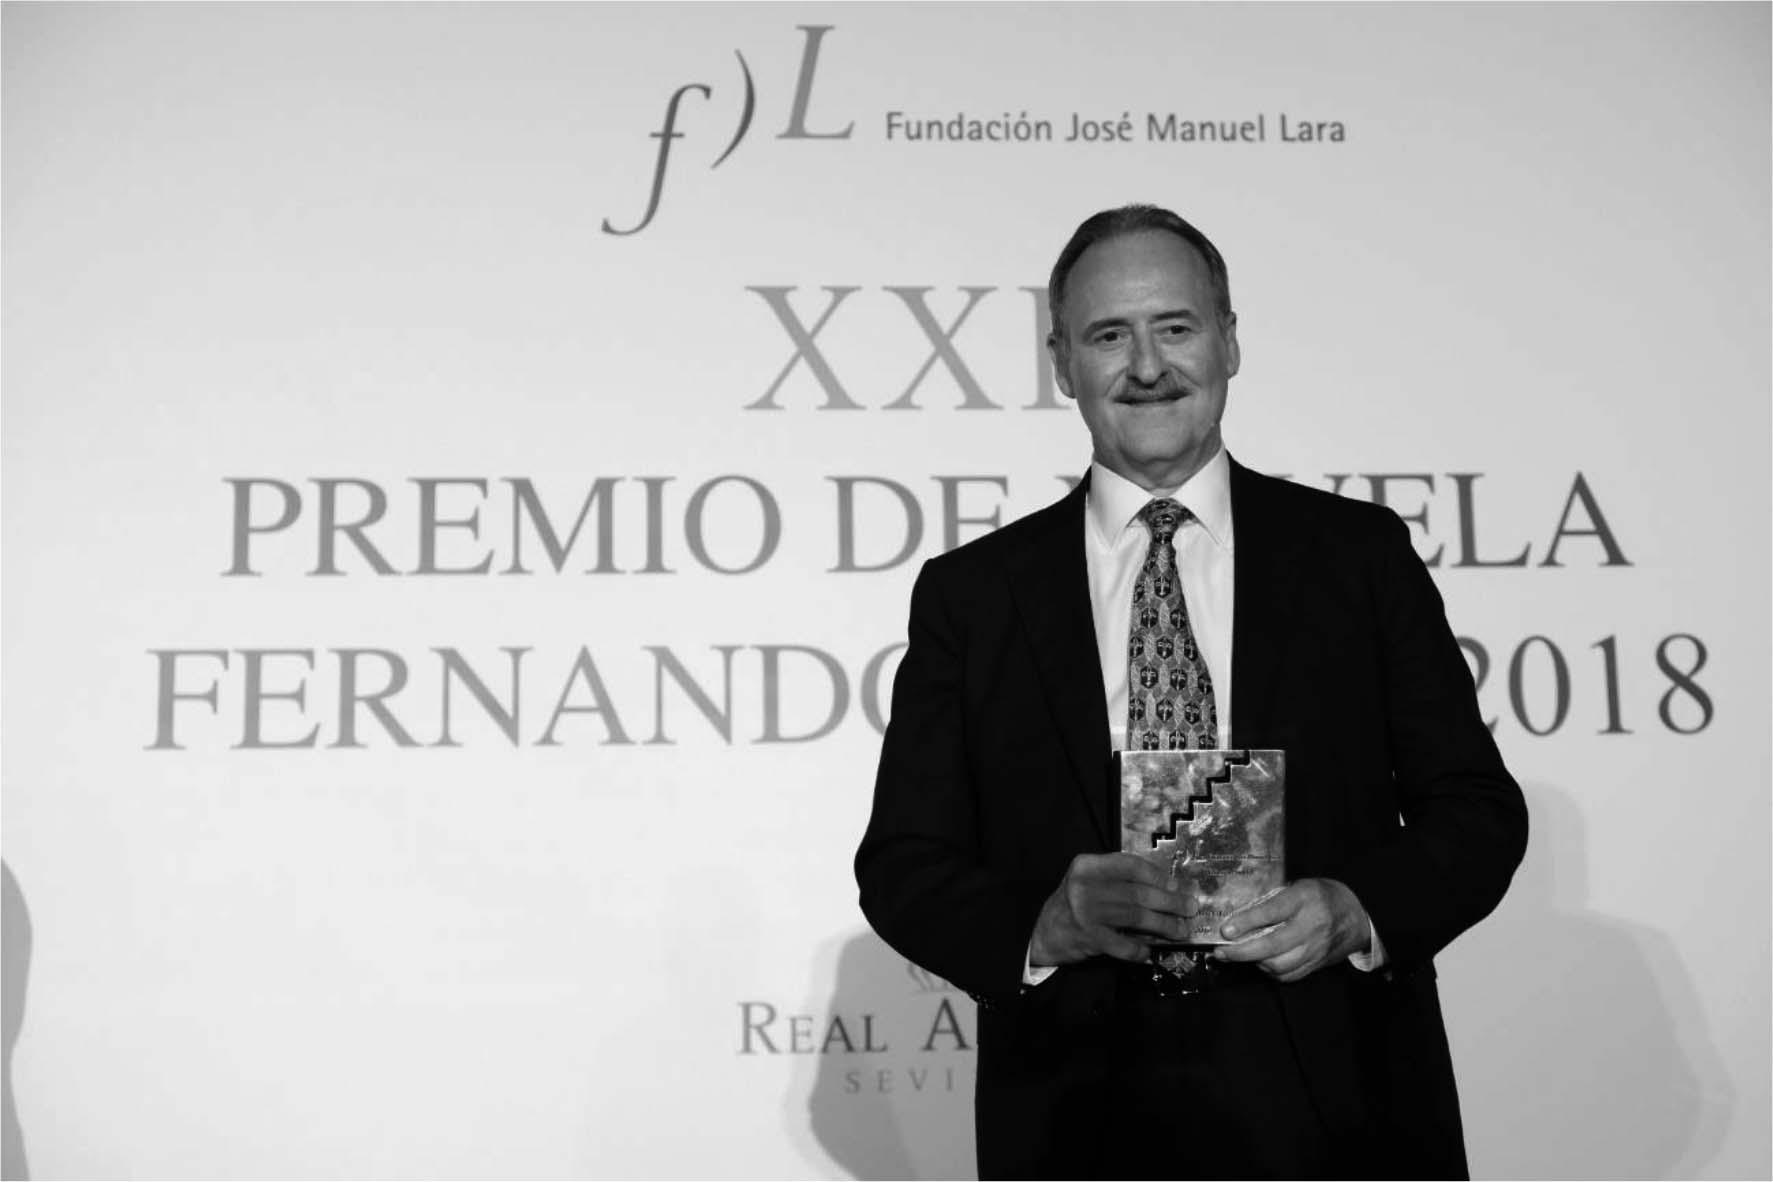 La presentación será el 25 de septiembre a las 20.00 horas en la Cámara de Comercio de Sevilla.